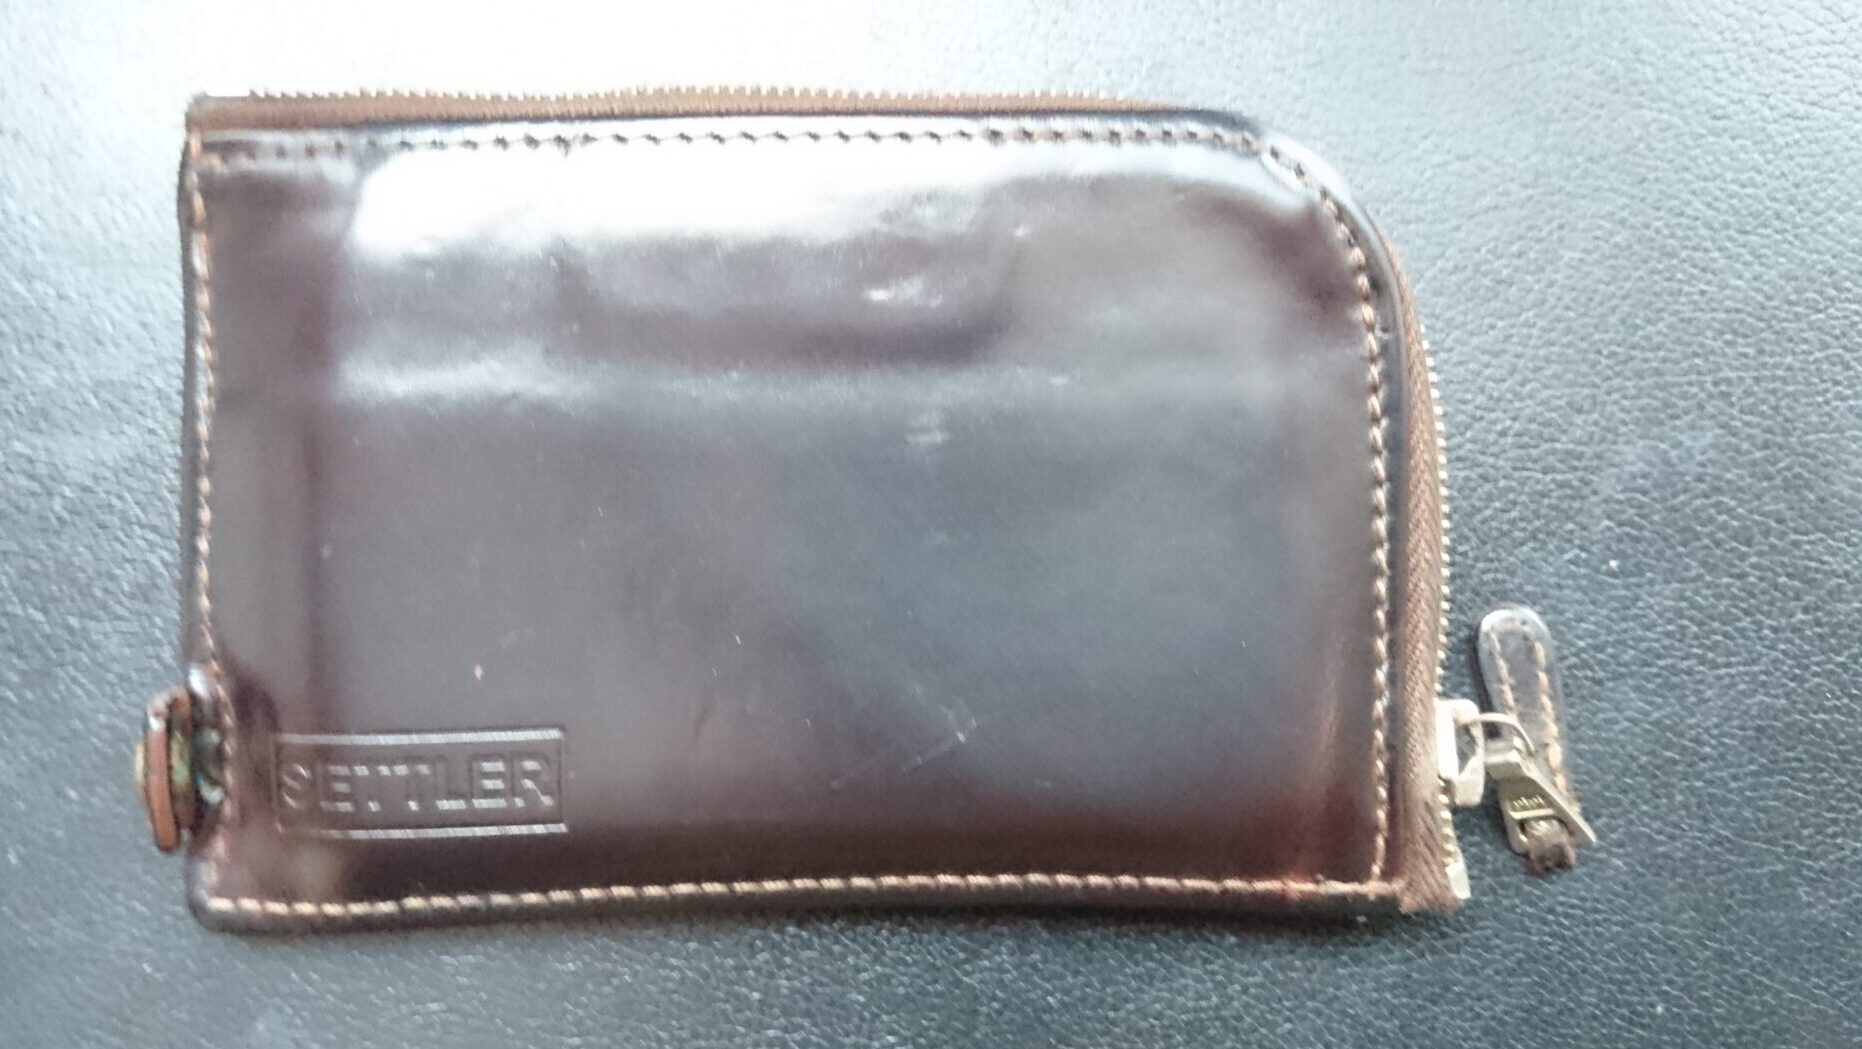 セトラー 財布 革小物 カードケース settler